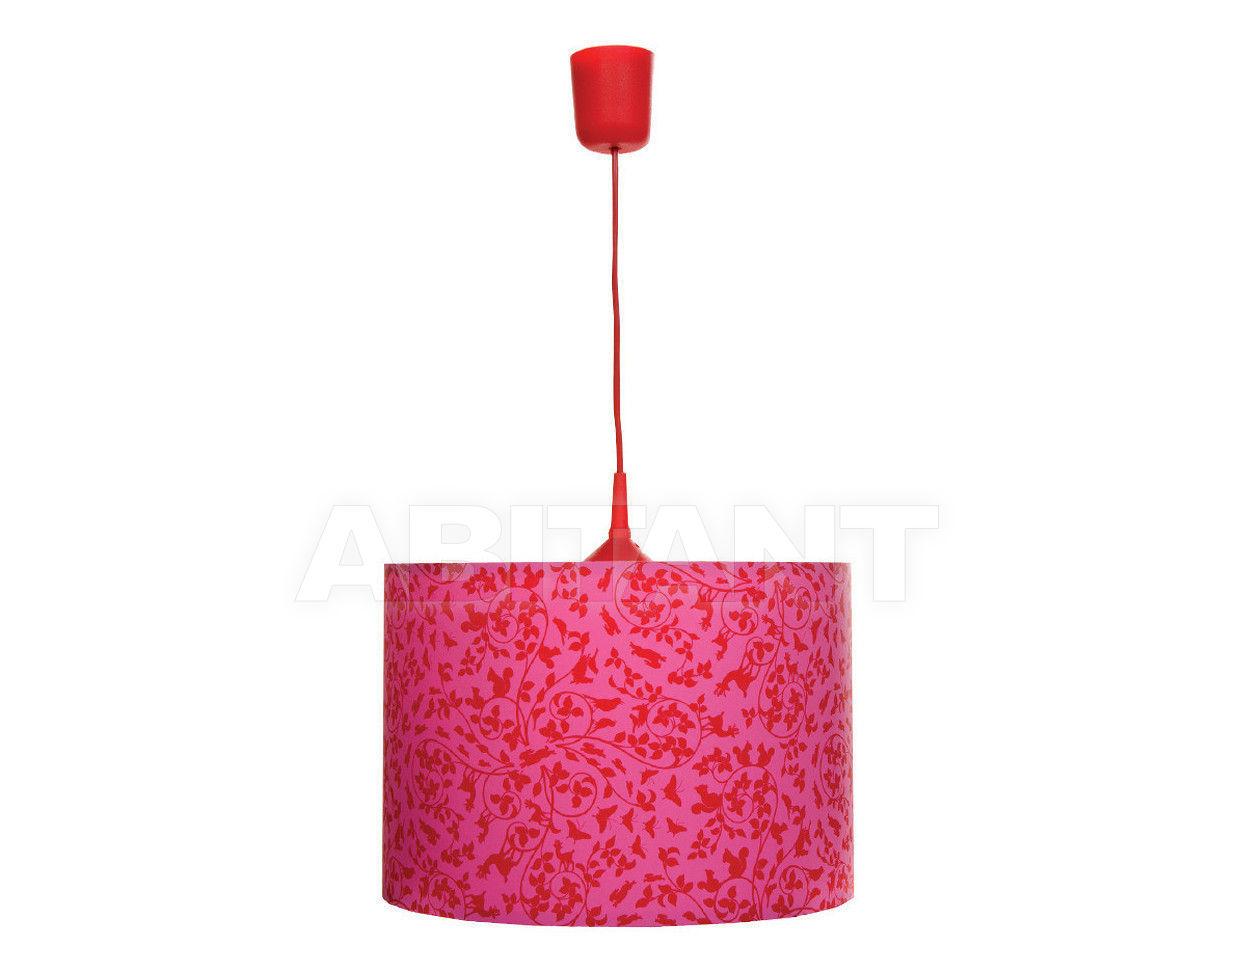 Купить Светильник для детской  Waldi Leuchten Lampen Fur Kinder 2012 70431.0